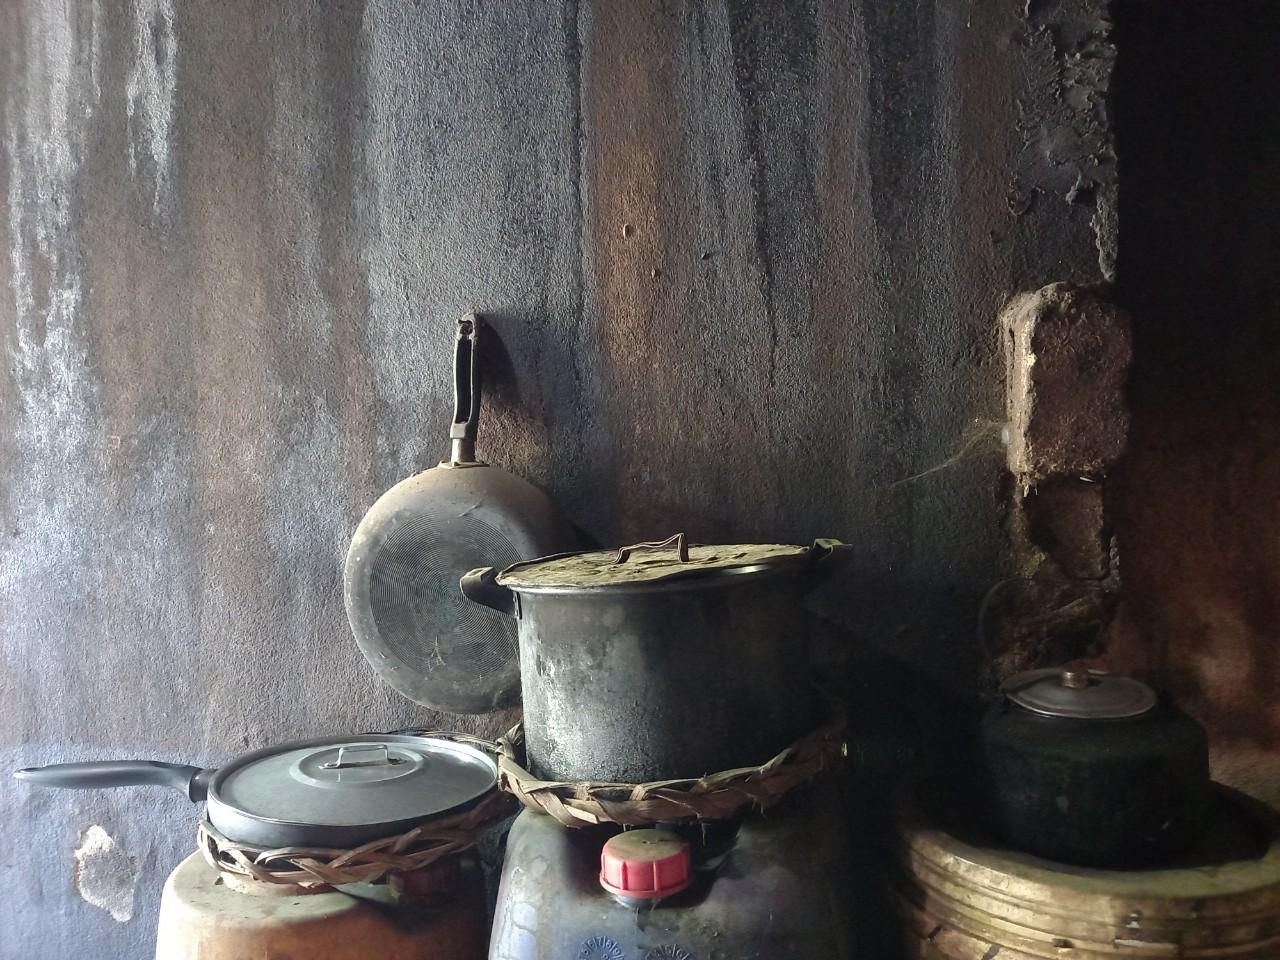 anh kcl 3 1633456631420653732485 Kể chuyện làng: Góc bếp, lẳng lặng nơi tôi trưởng thành